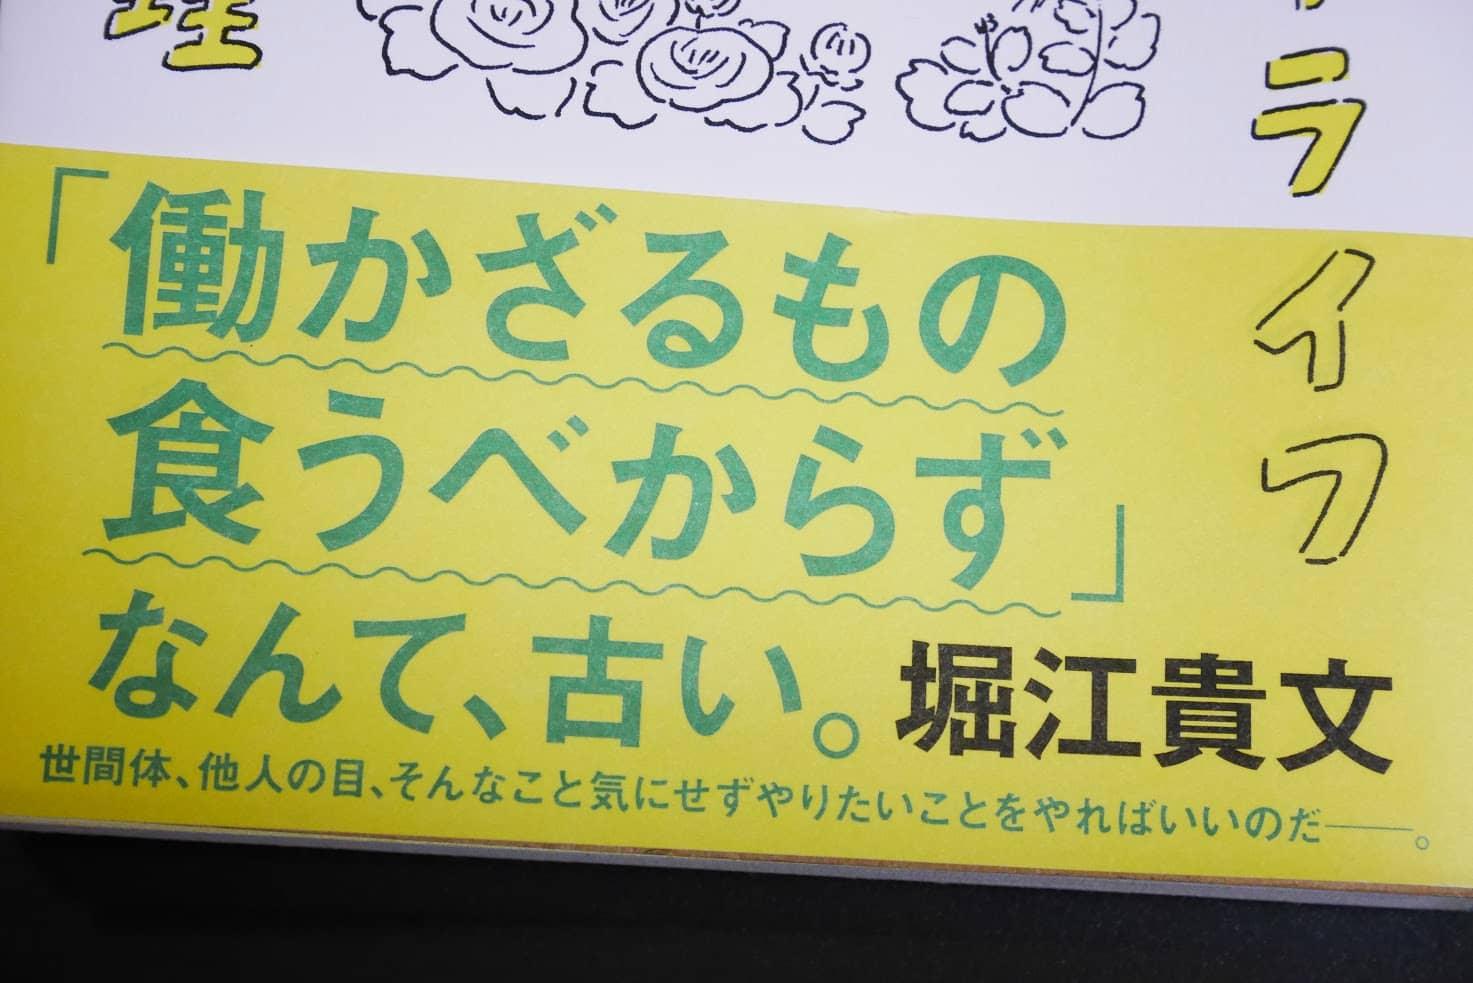 年収90万円で東京ハッピーライフ - 帯